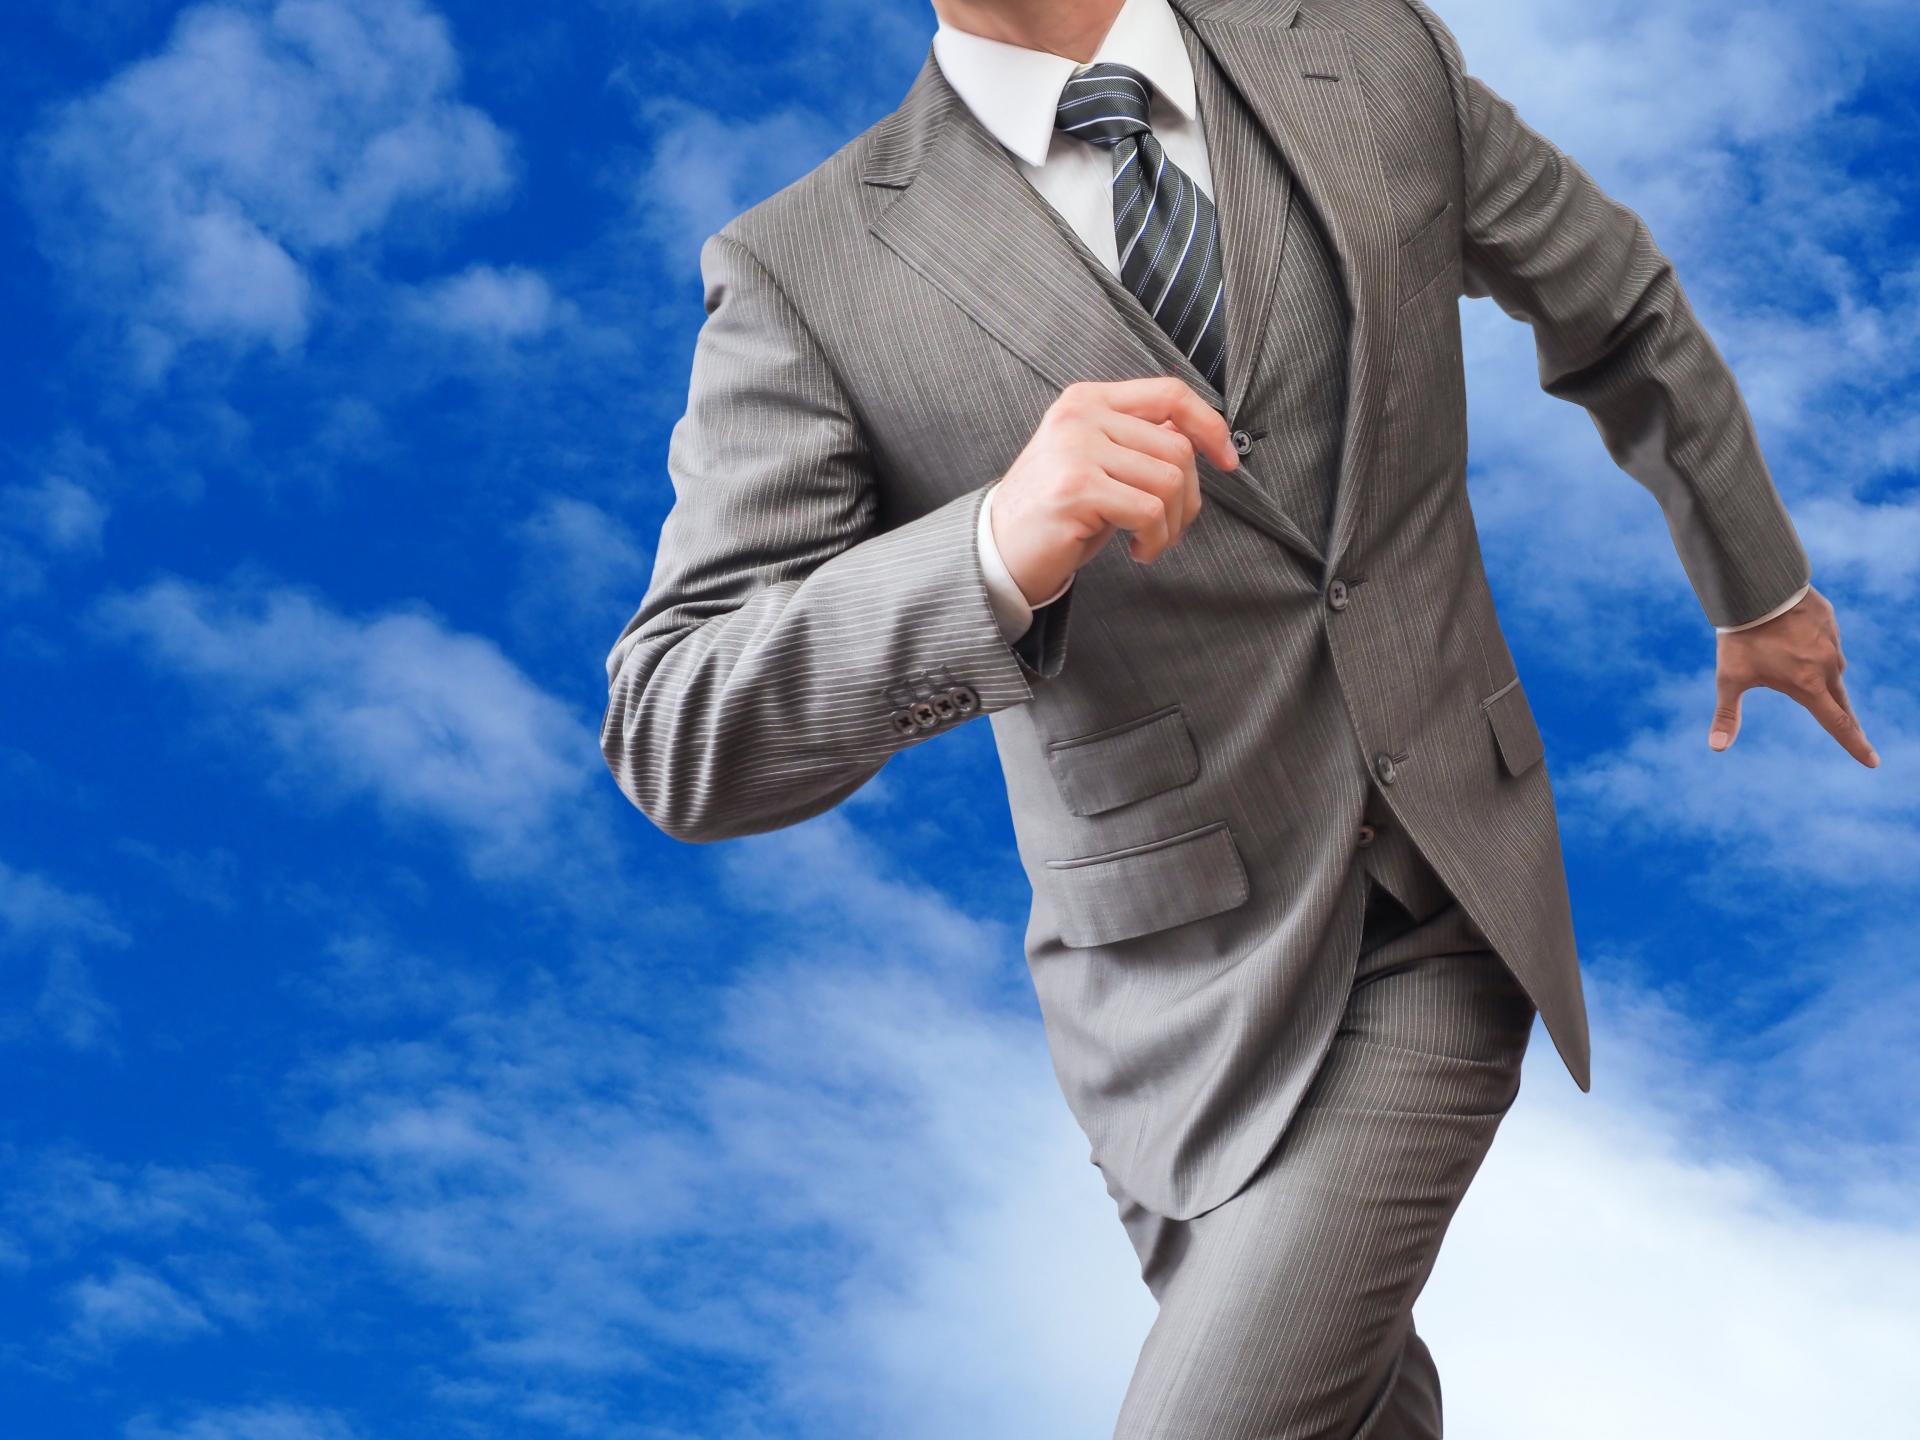 雇用保険の被保険者は、条件を満たした労働者のすべてとなります。